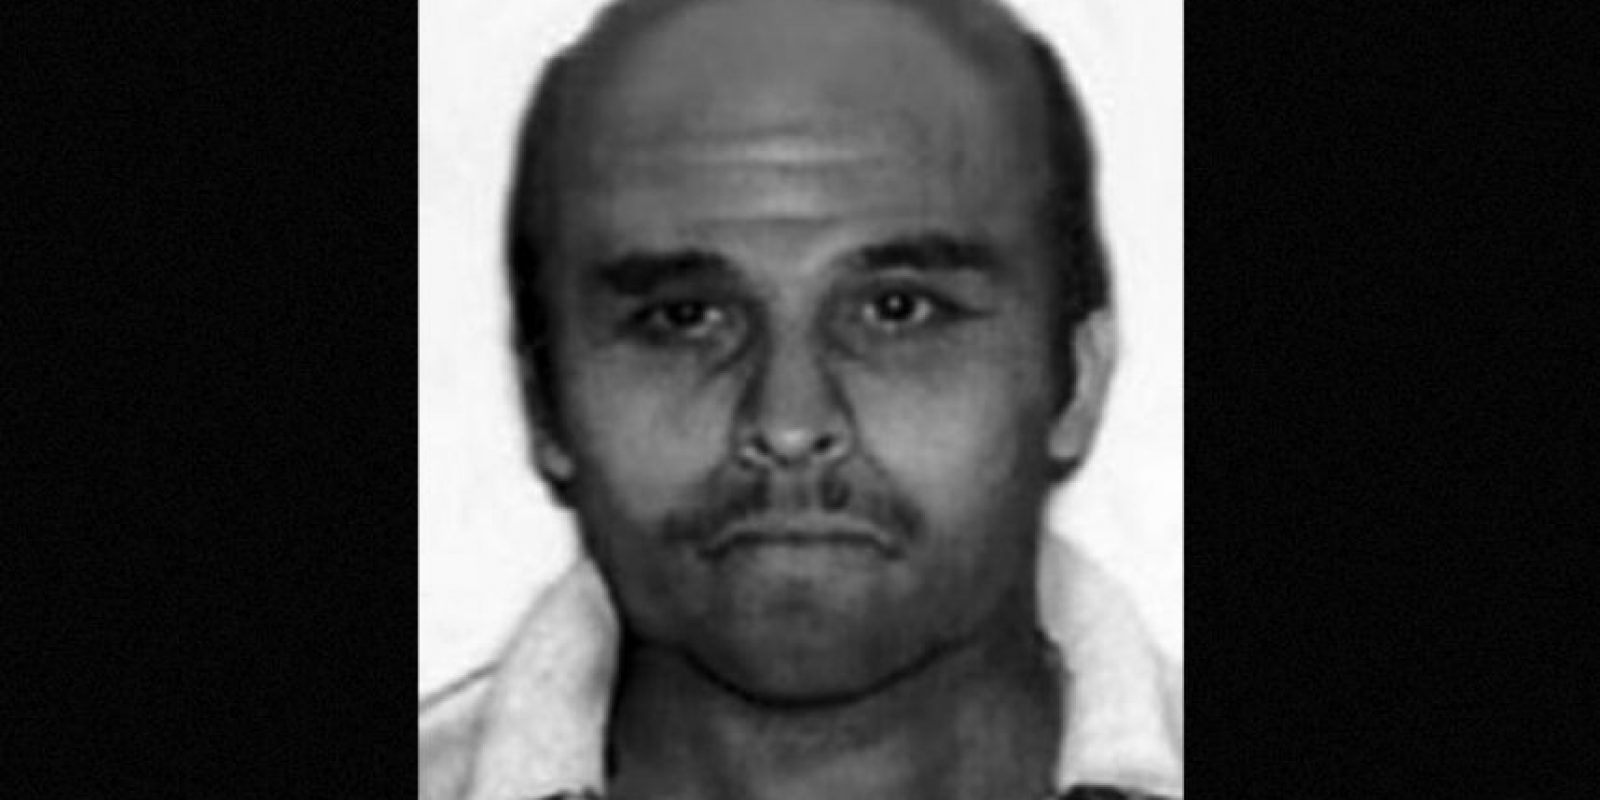 2. Victor Manuel Gerena. Se le acusa del robo de siete millones de dólares ocurrido en Connecticut en 1983. Se ofrece un millón de dólares de recompensa por información que lleve a su captura Foto:FBI.gov